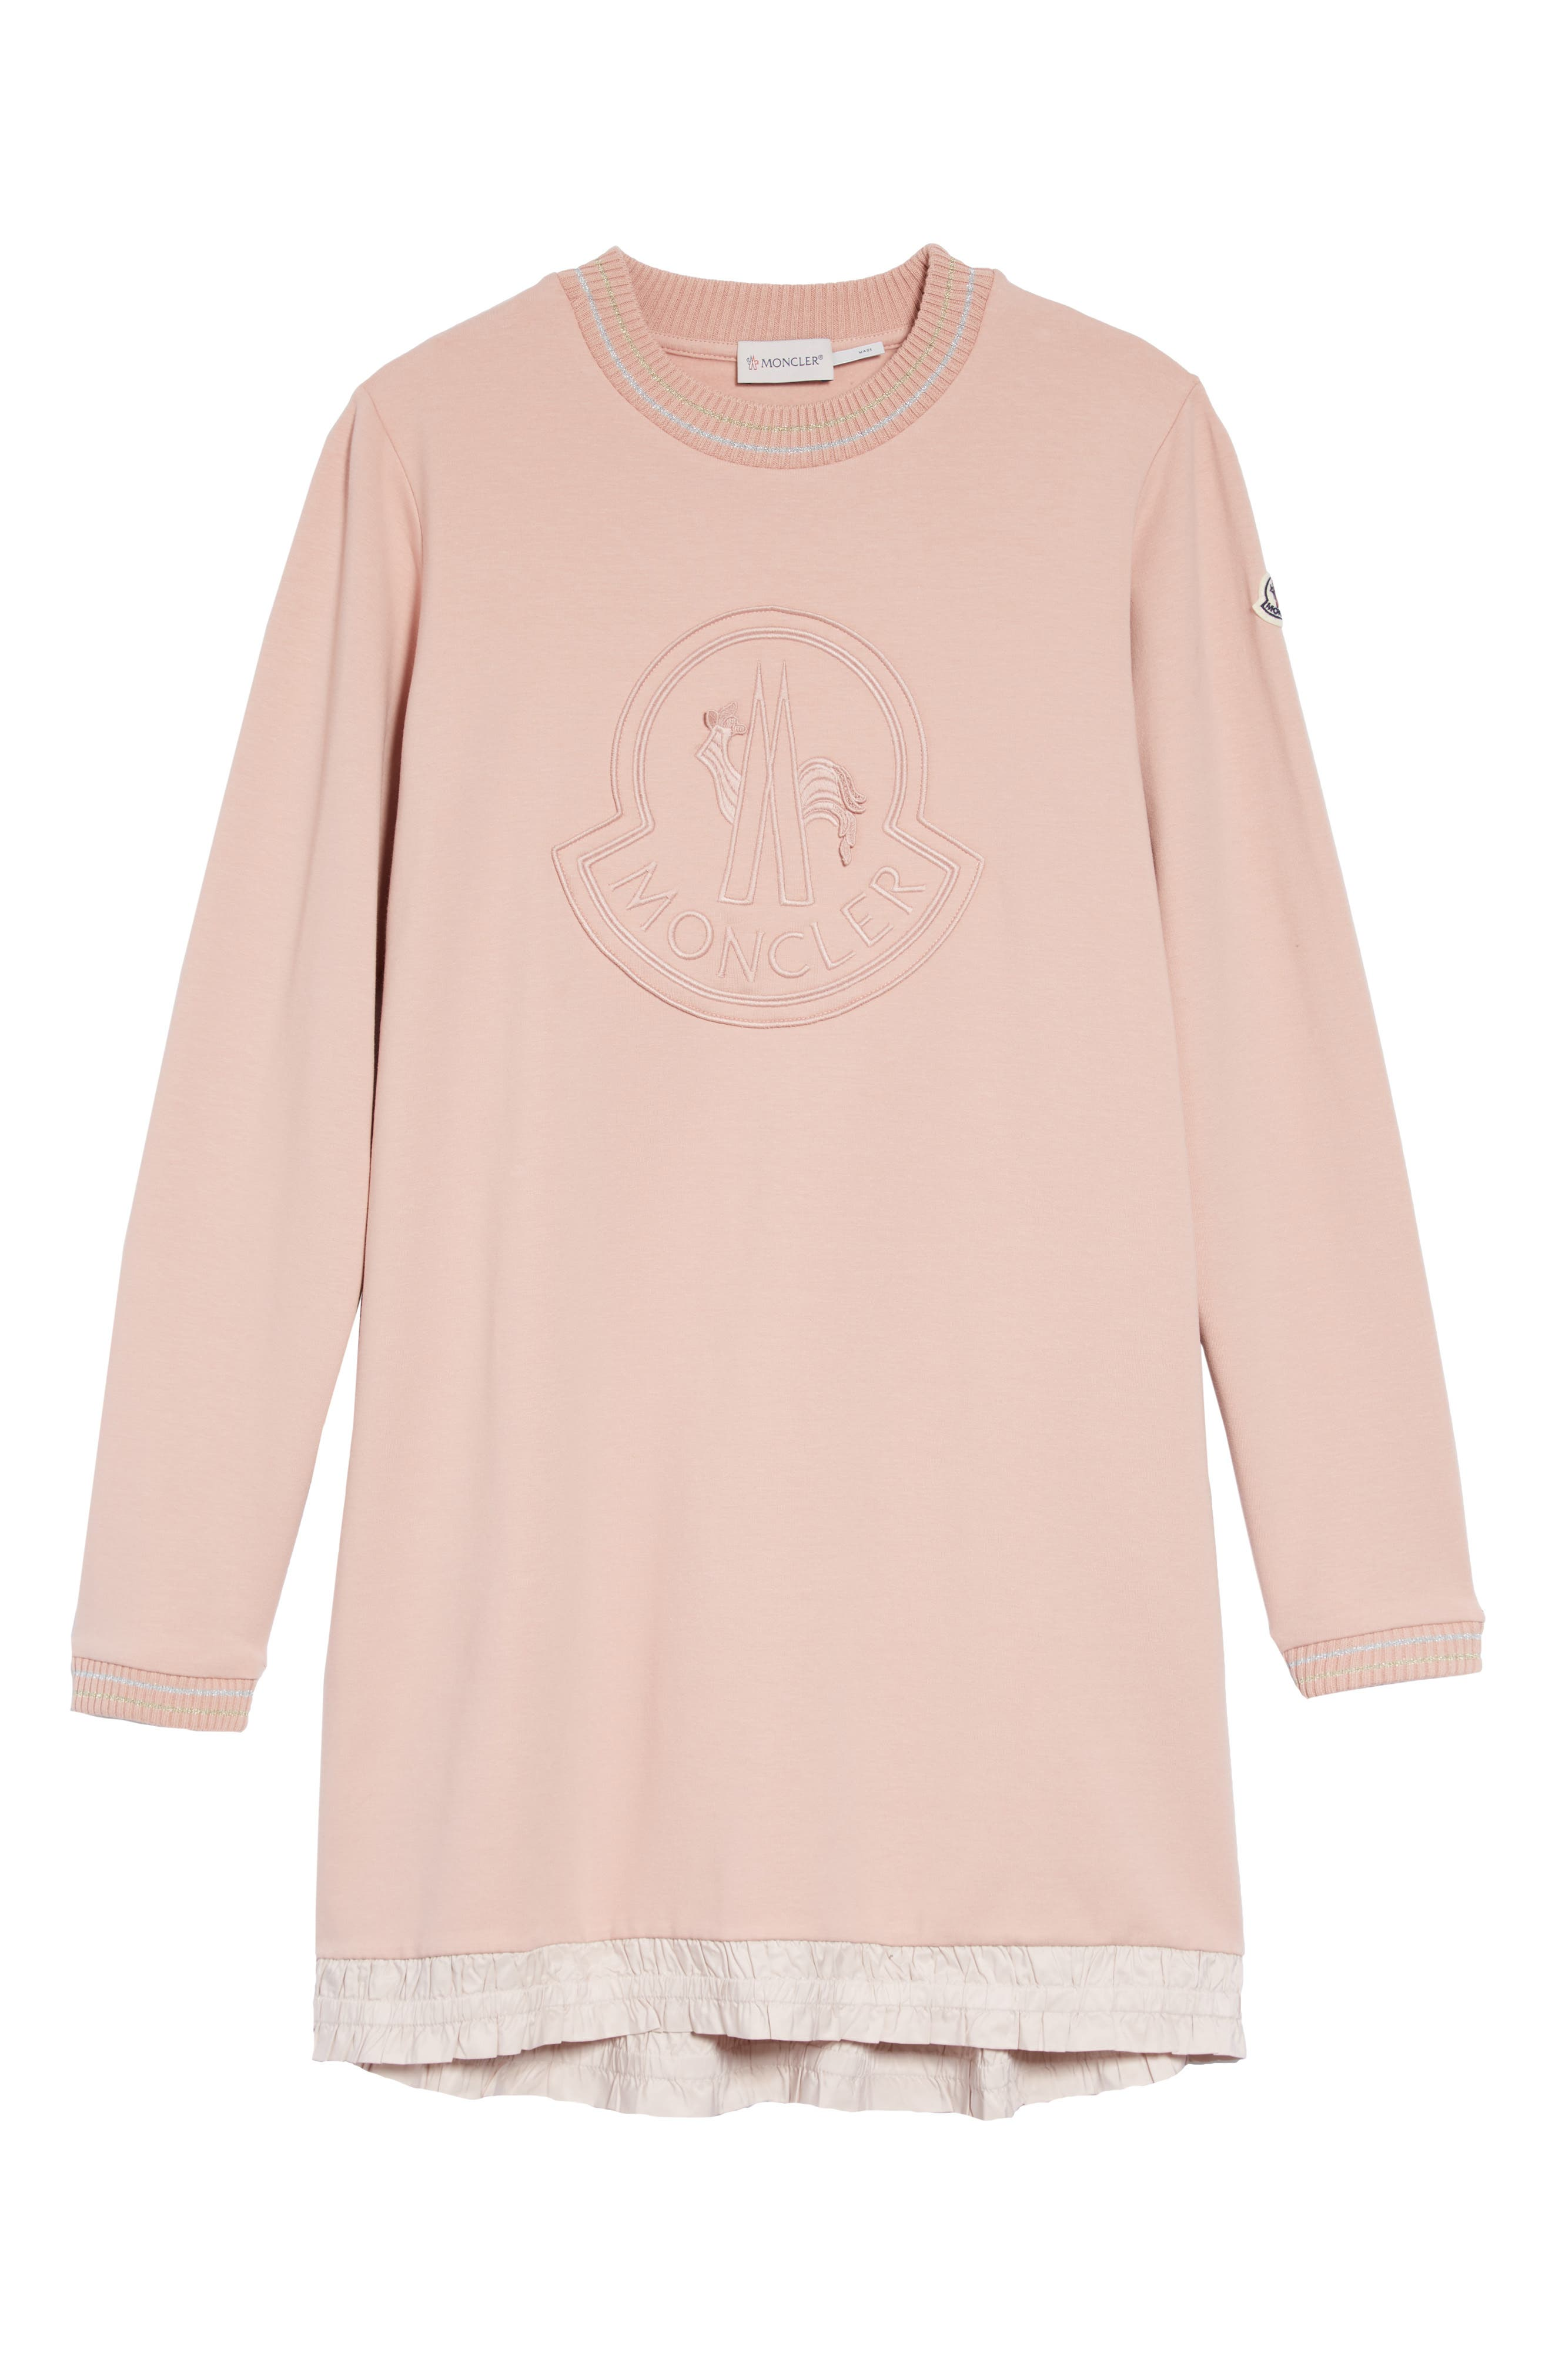 MONCLER,                             Tonal Logo Dress,                             Main thumbnail 1, color,                             LIGHT PINK